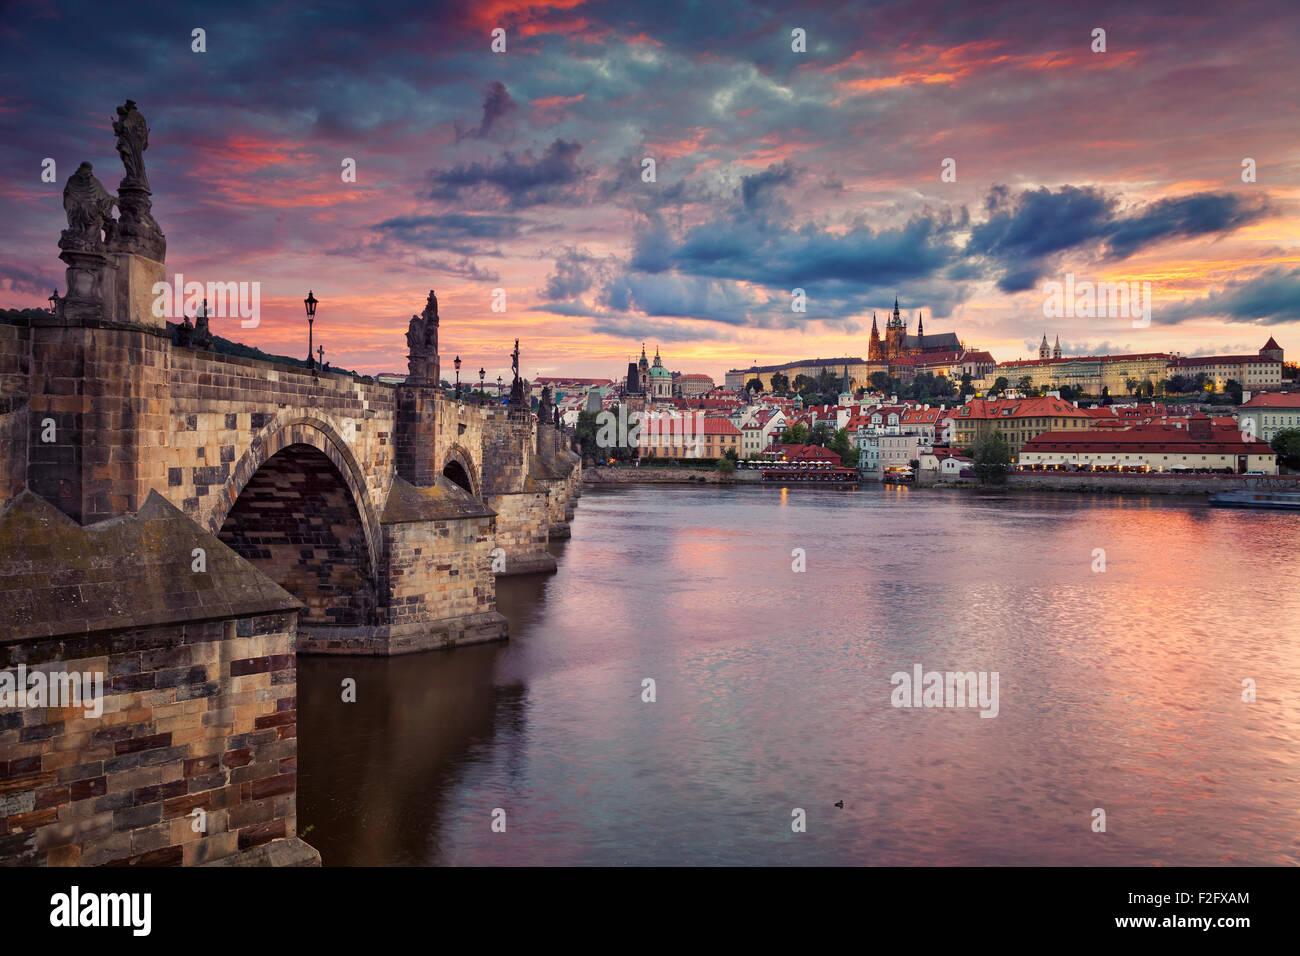 Prag. Bild von Prag, Hauptstadt Stadt der Tschechischen Republik, im schönen Sonnenuntergang. Stockfoto